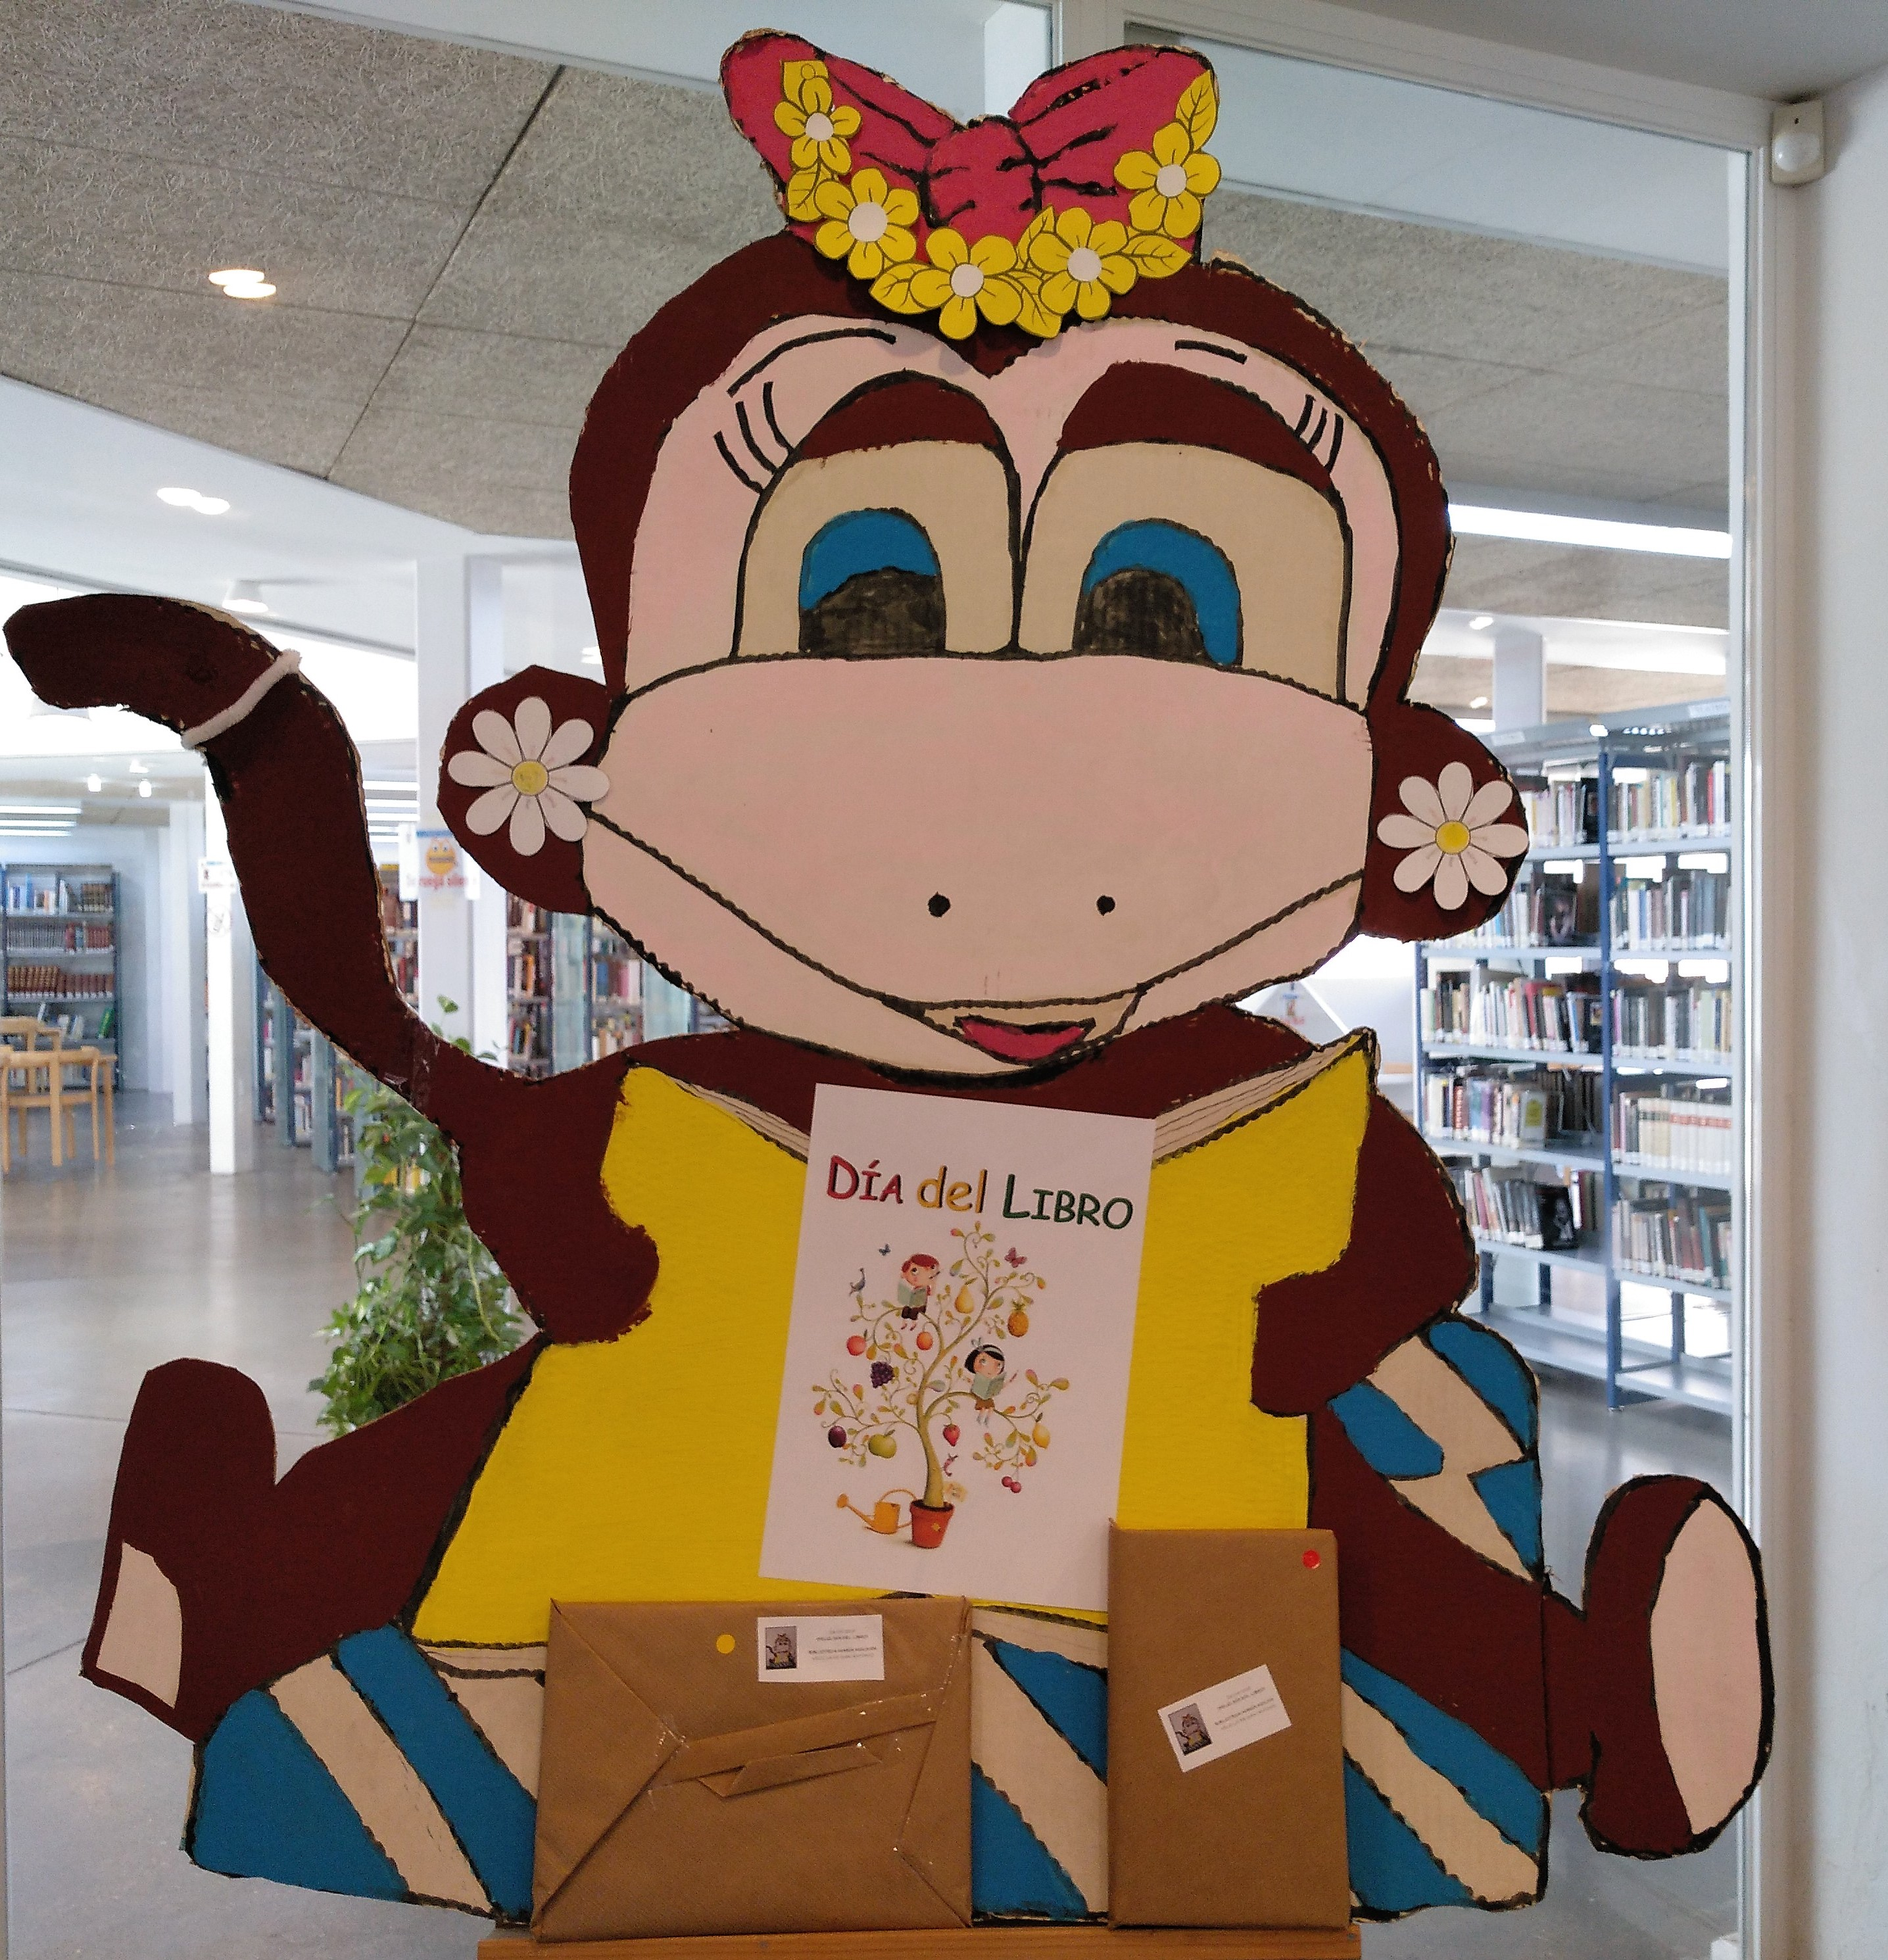 La biblioteca de Velilla celebrará el Día del Libro, regalando libros